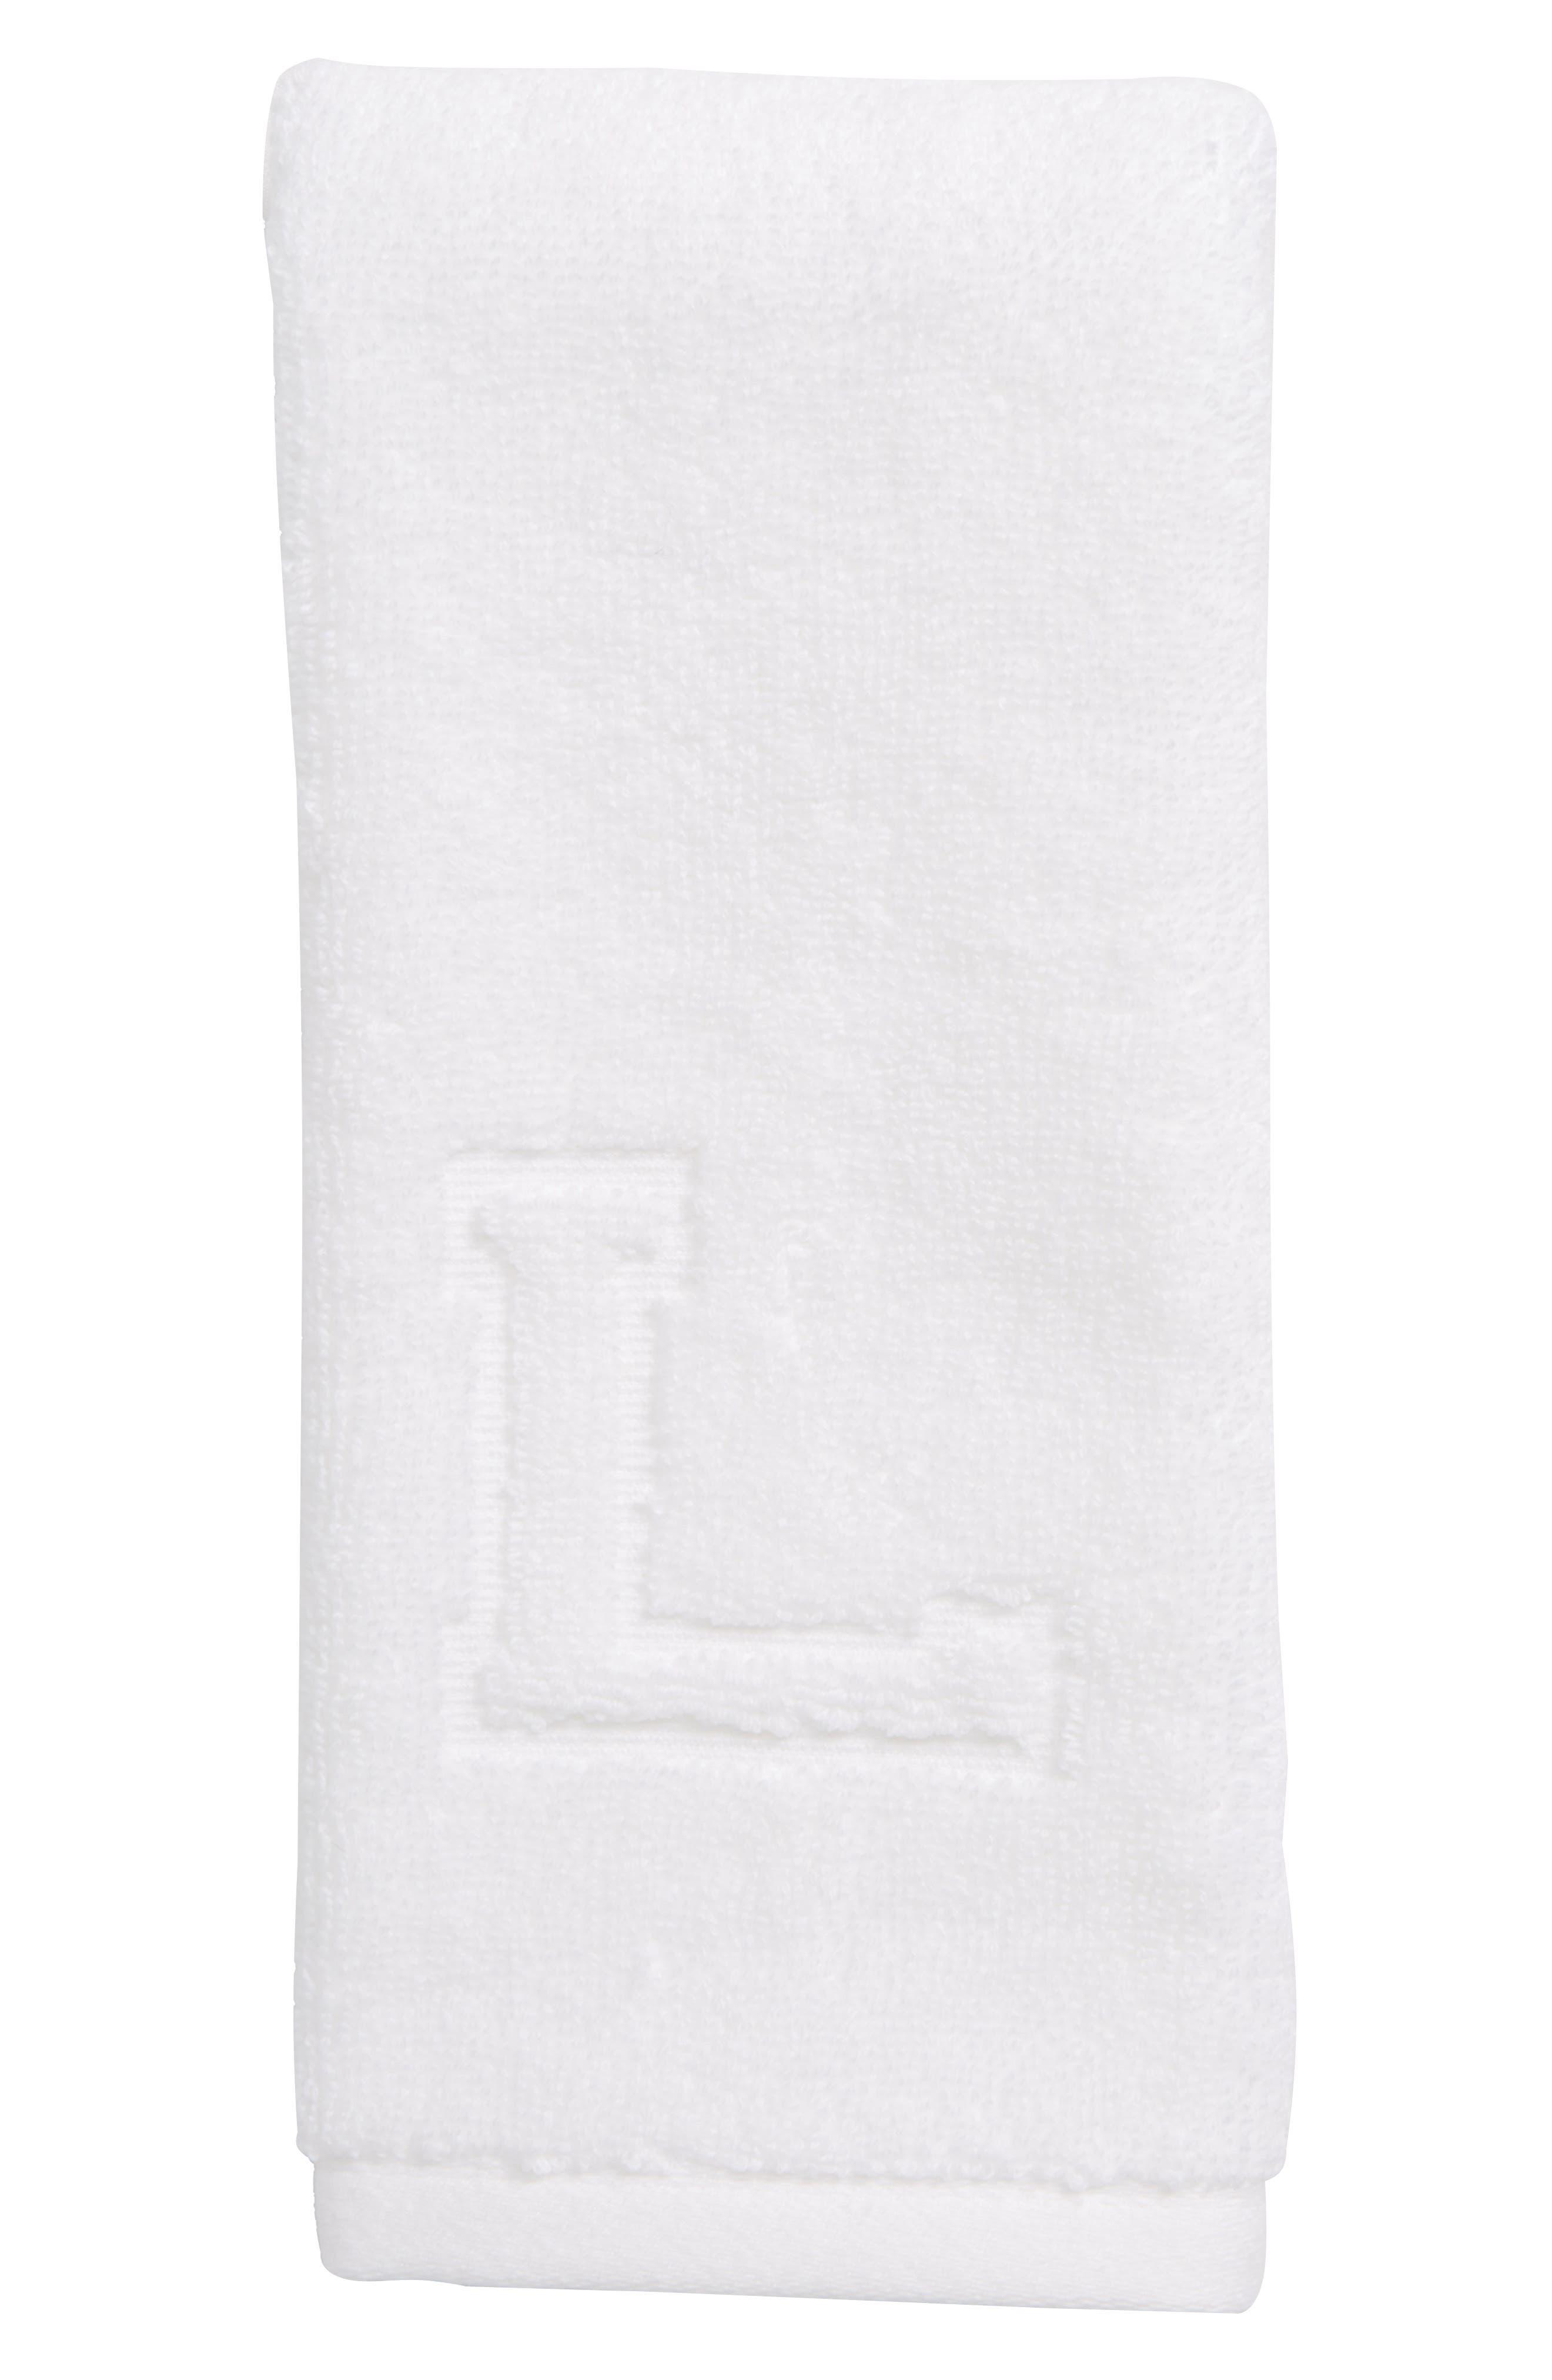 Alternate Image 1 Selected - Matouk Auberge Fingertip Towel